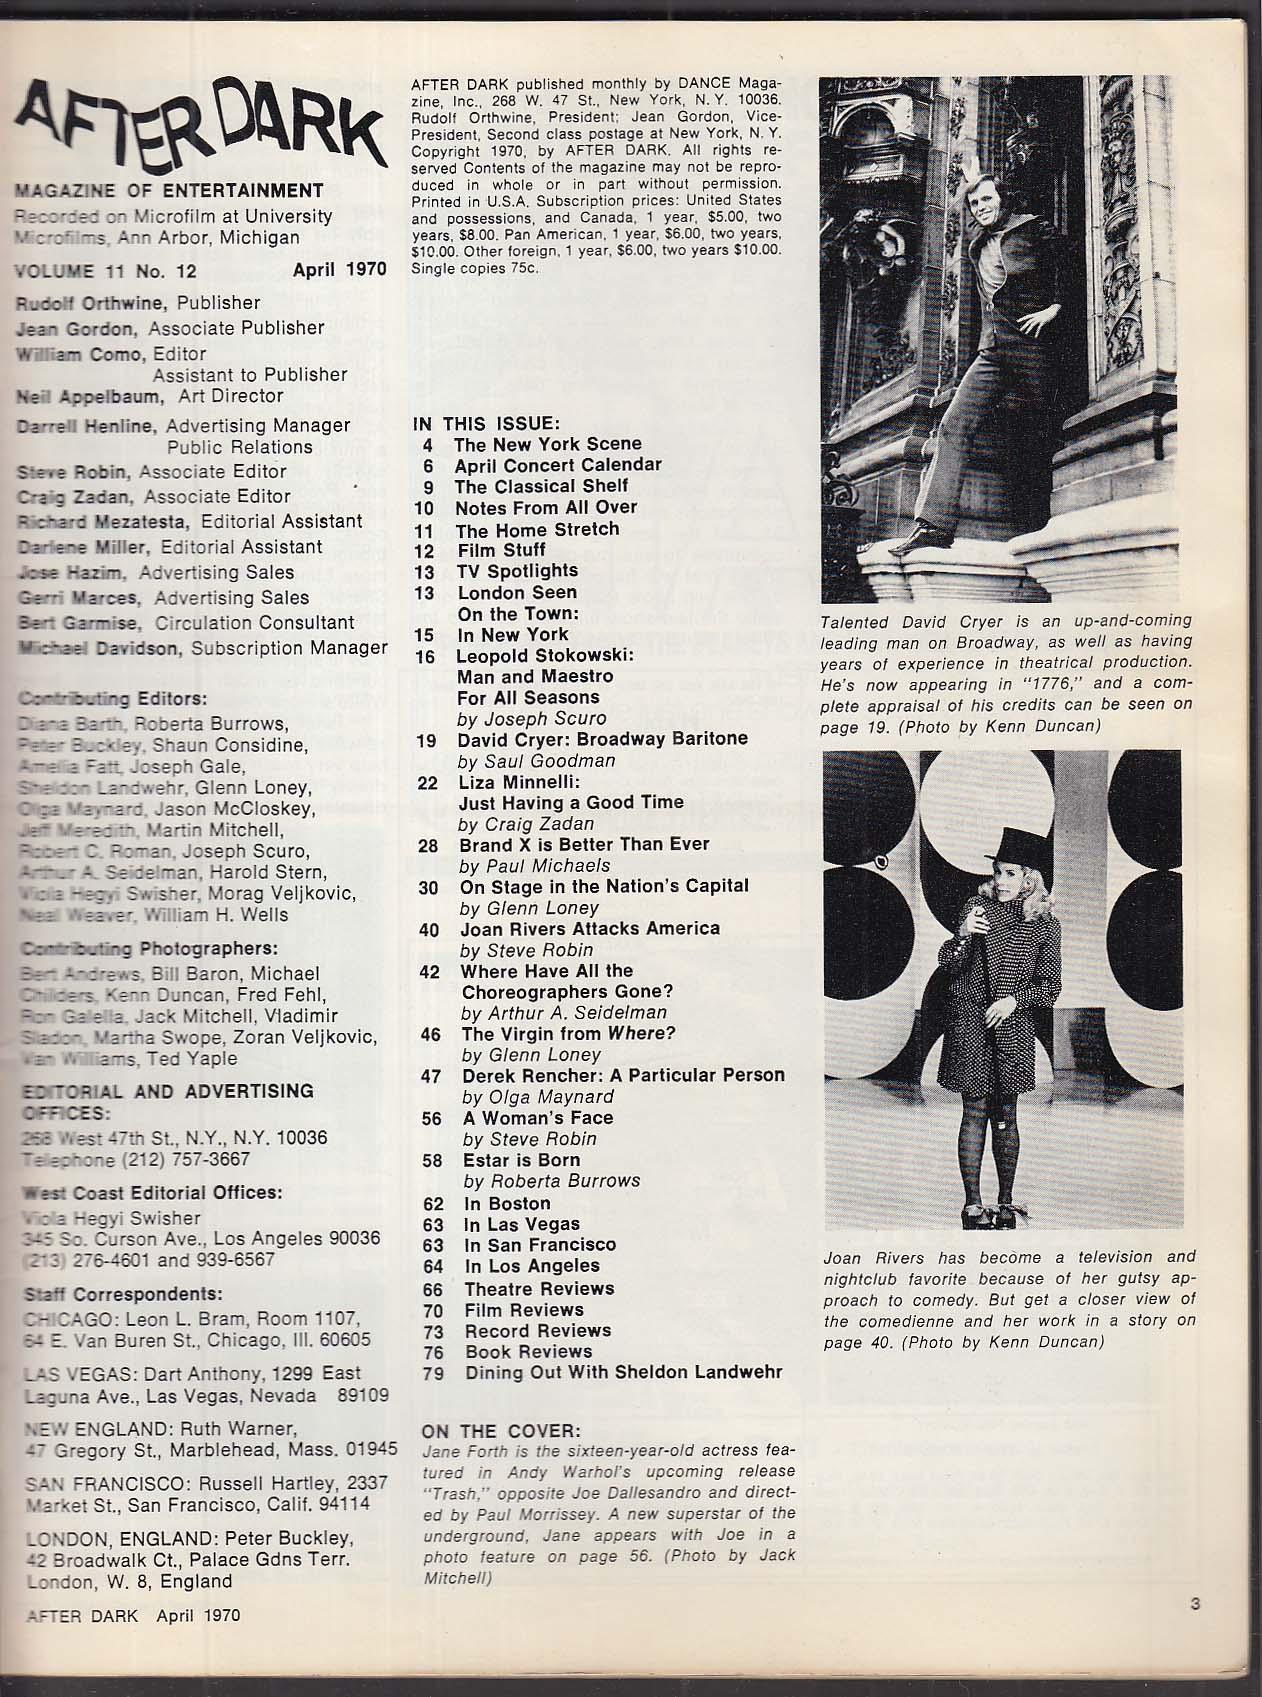 AFTER DARK Jane Forth Warhol Liza Minnelli Joan Rivers Leopold Stokowski 4 1970